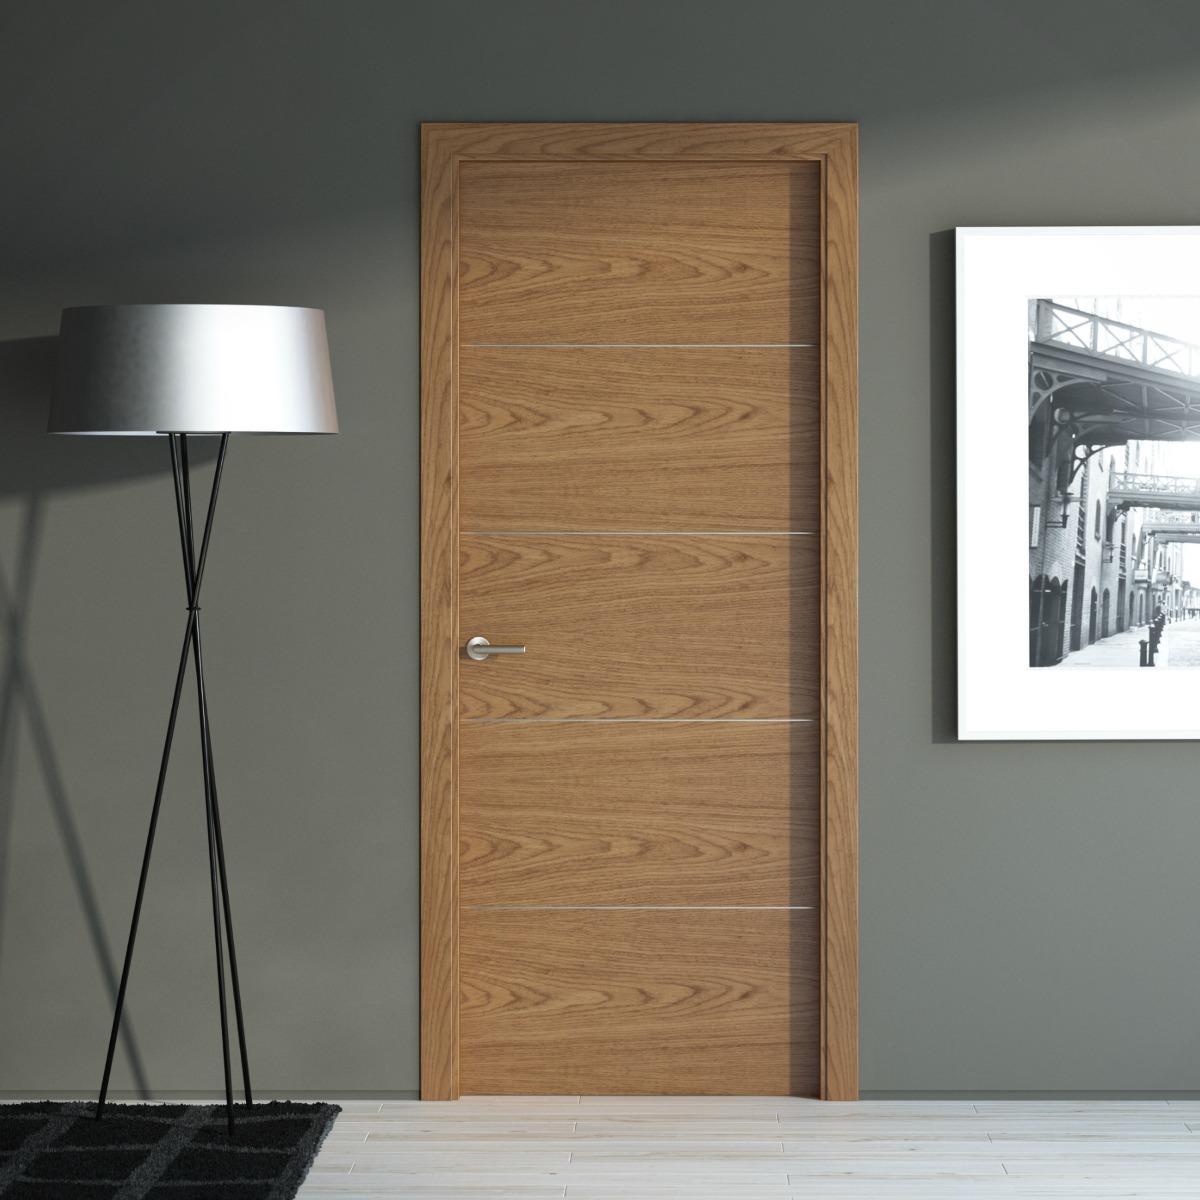 Puertas a medida puertas madera coru a vetta grupo for Puertas madera y cristal interior